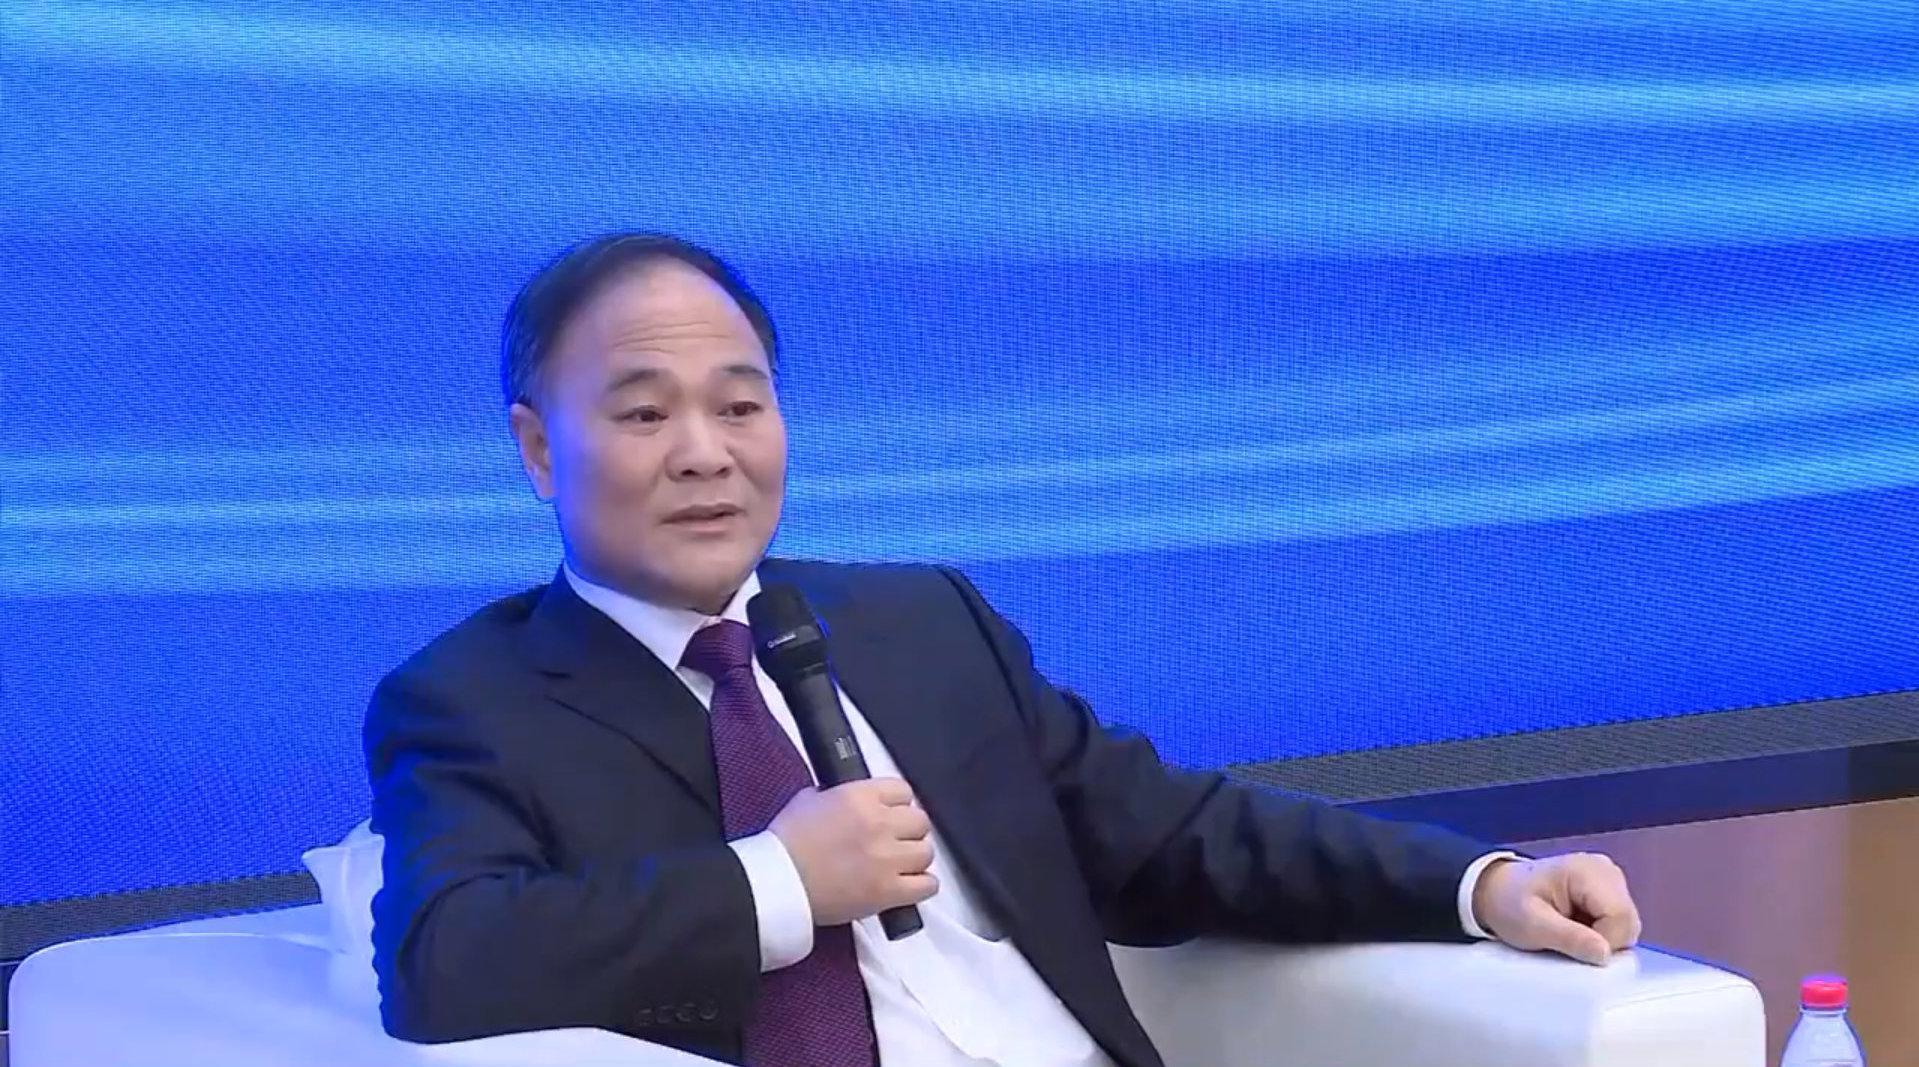 汽车资讯 李书福:一定要带脑子思考,独立思想很重要